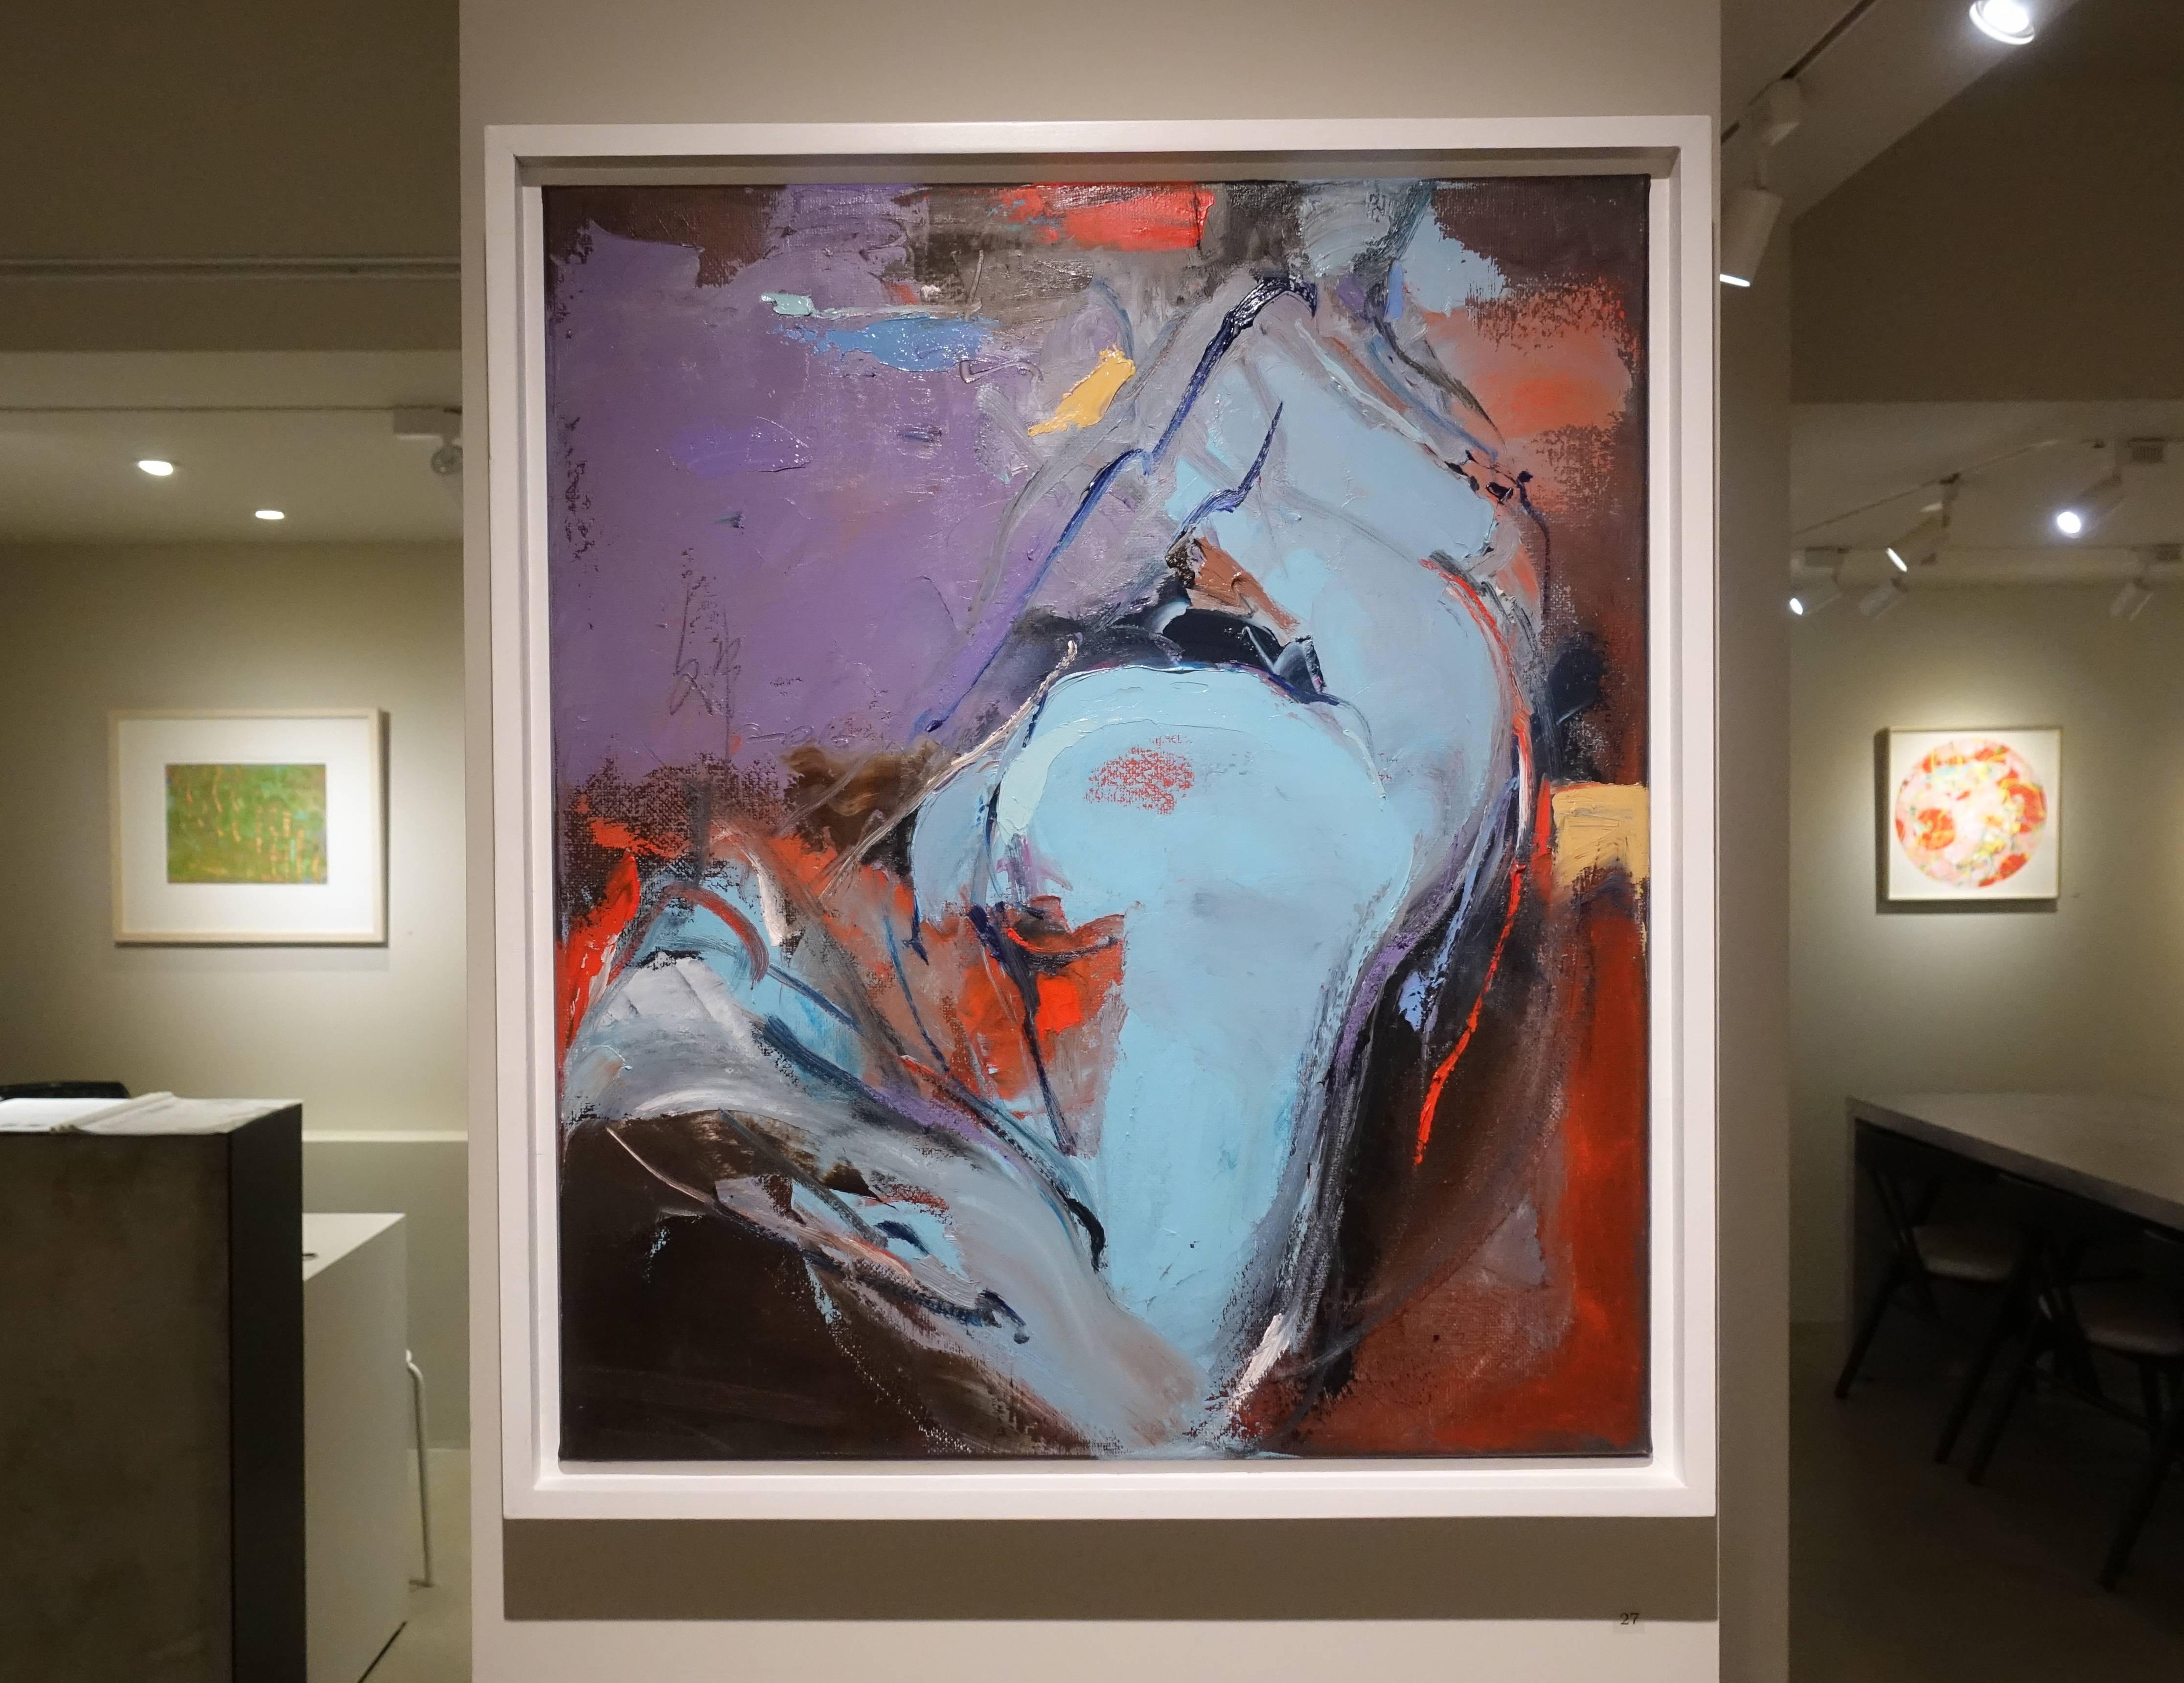 田文筆,《尋夢1》,53 x 45.5 cm,1/1,油彩,2016。